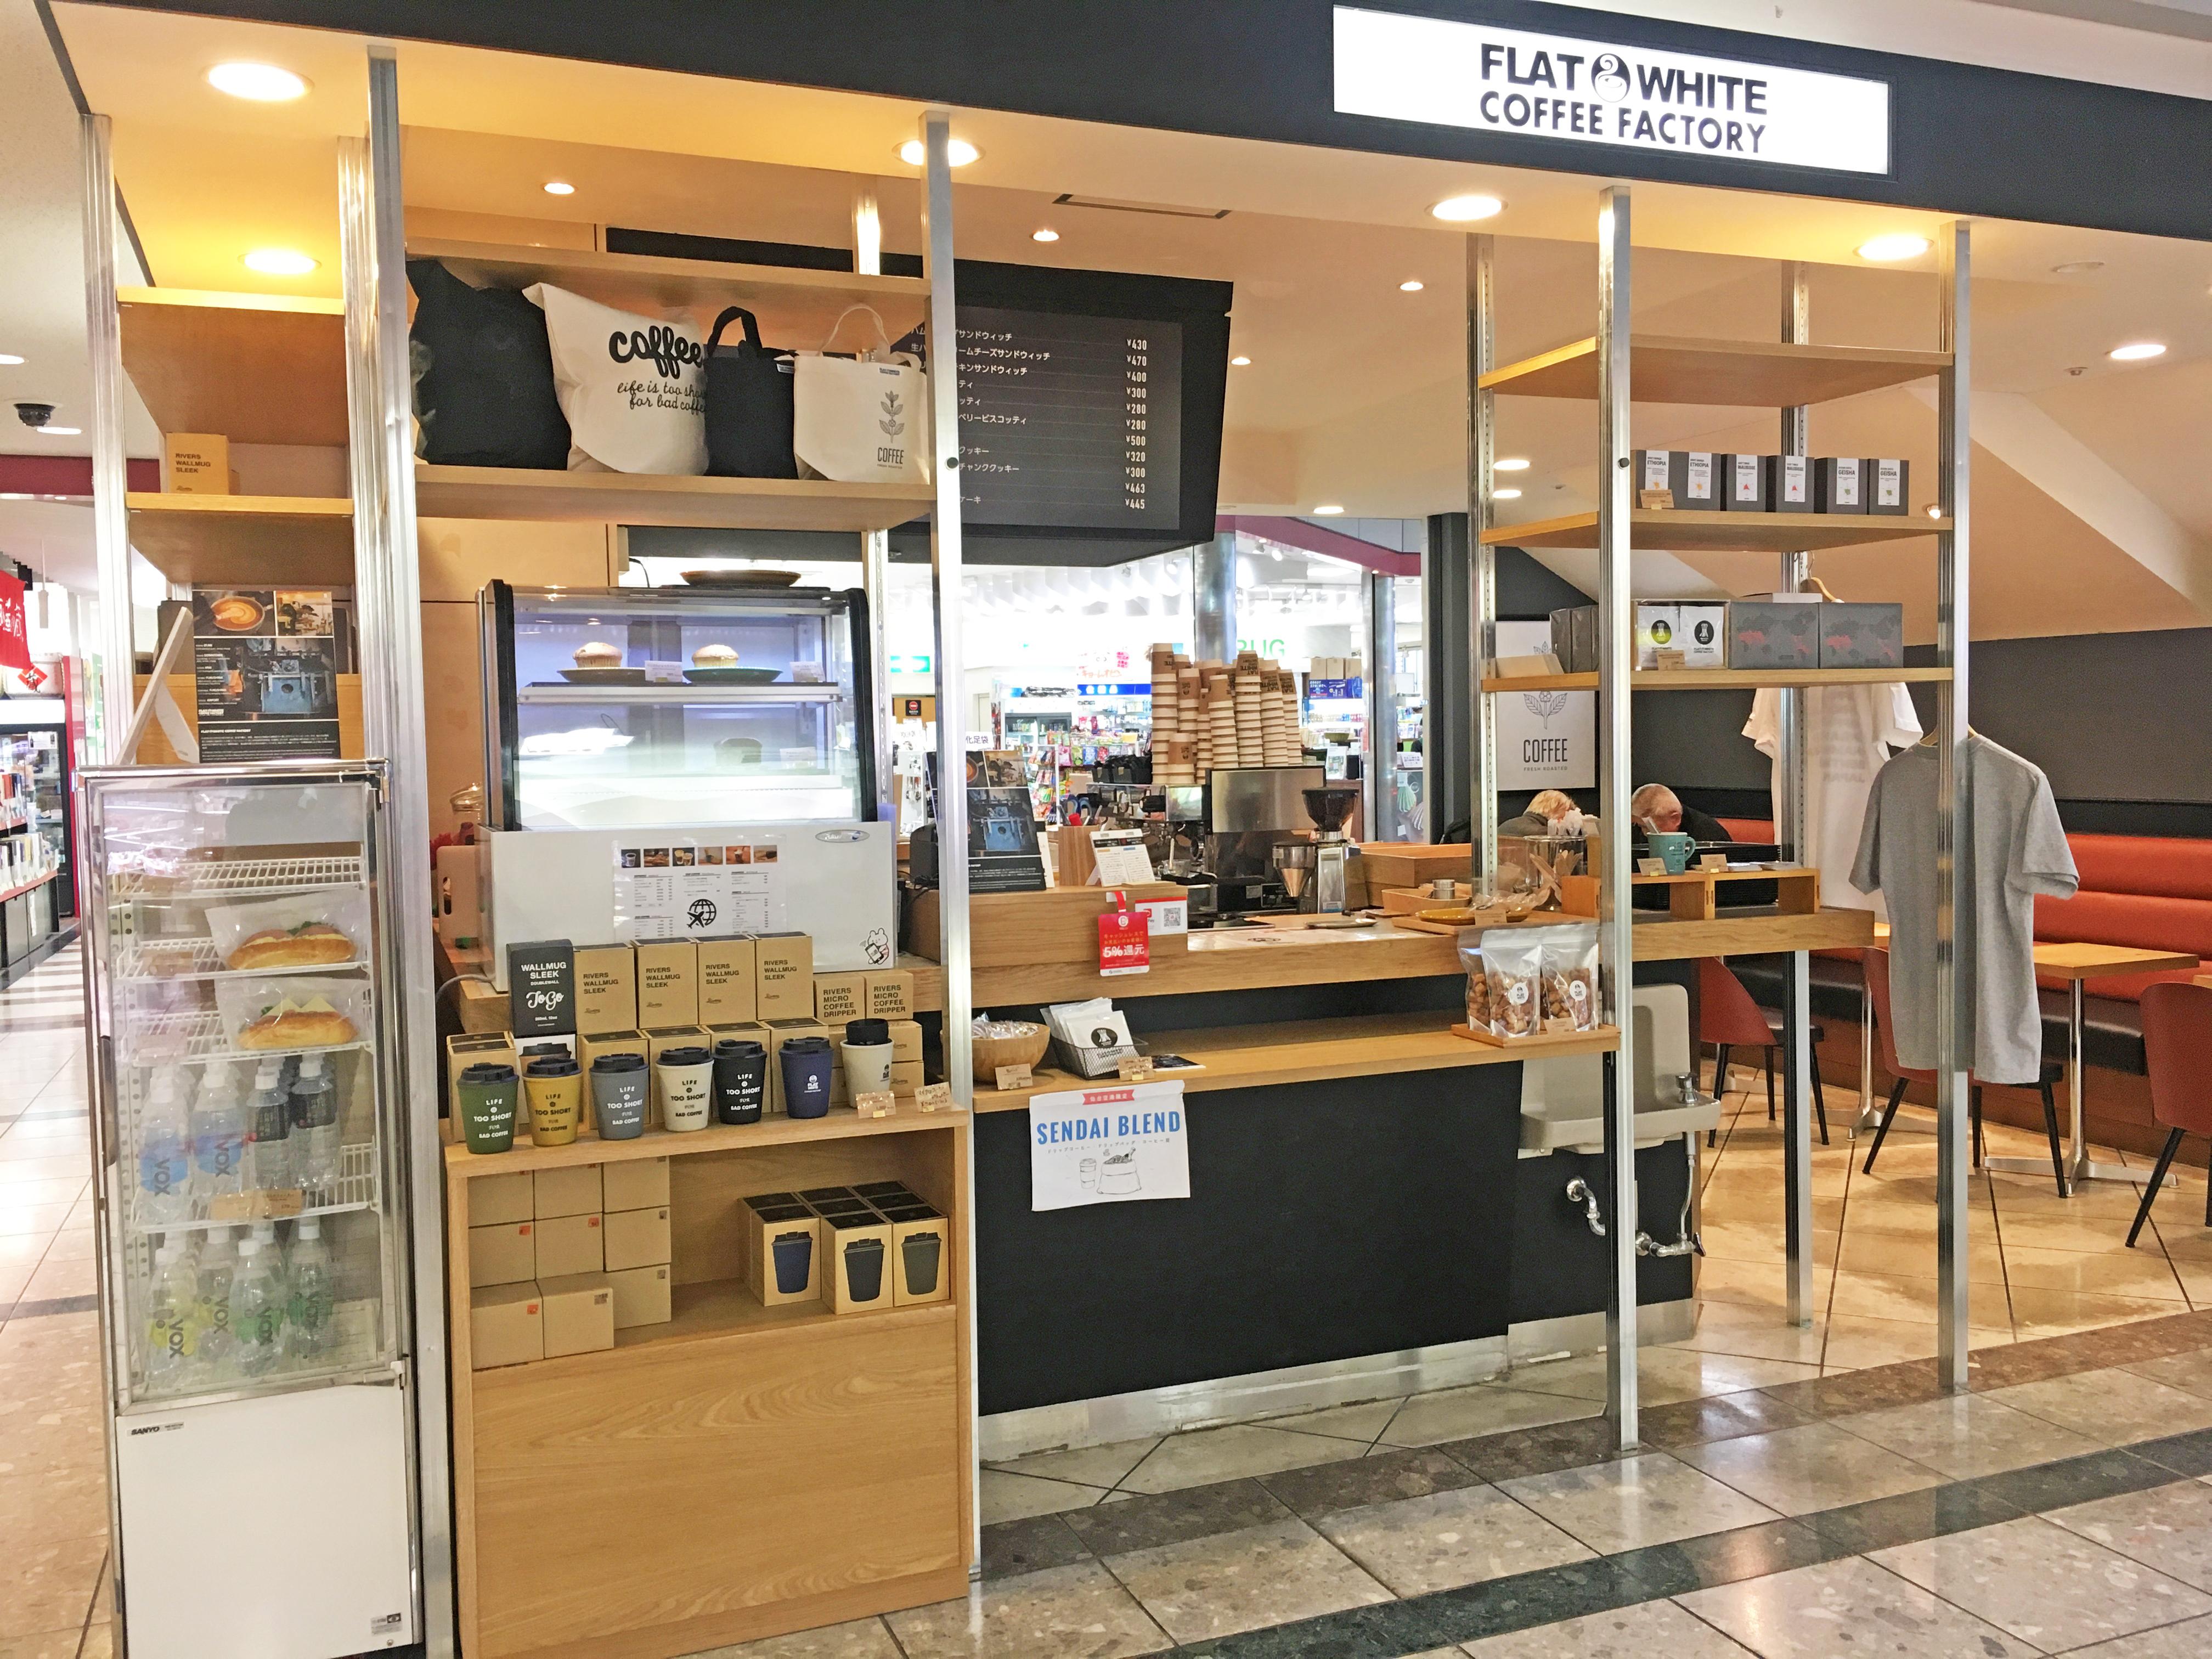 플랫 화이트 커피 팩토리 센다이 공항점